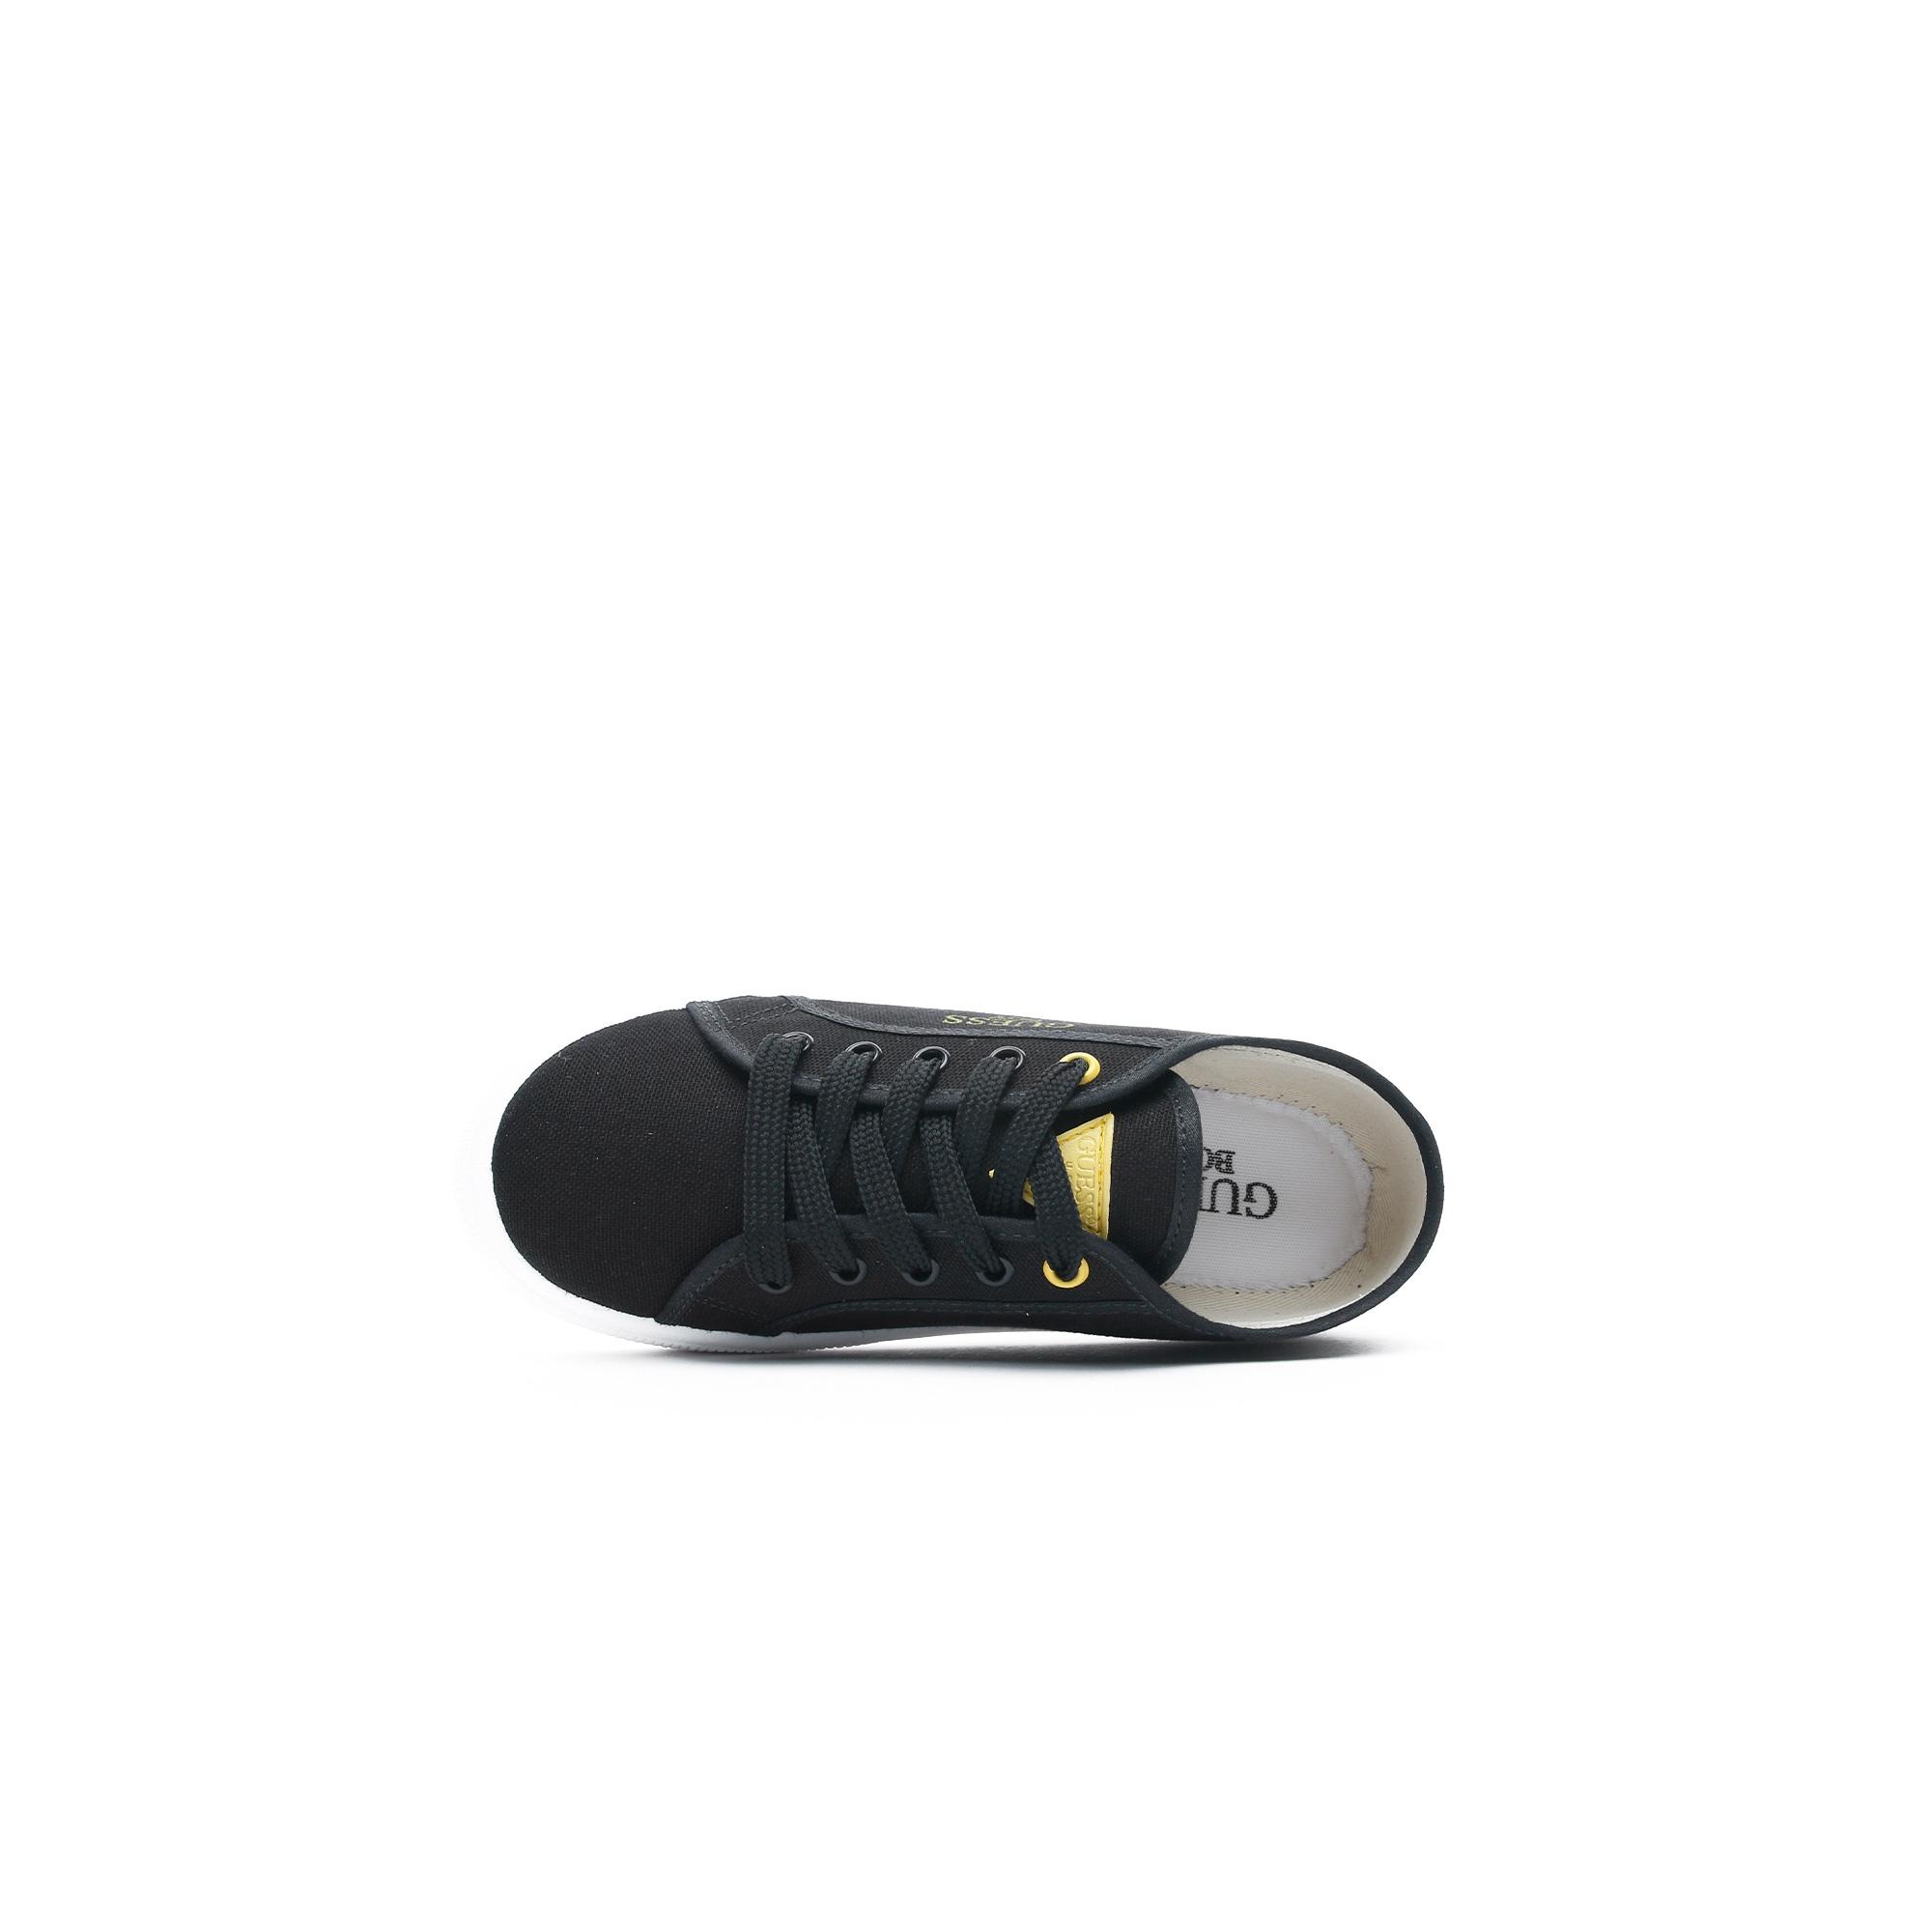 Guess Piumo Çocuk Siyah Günlük Ayakkabı